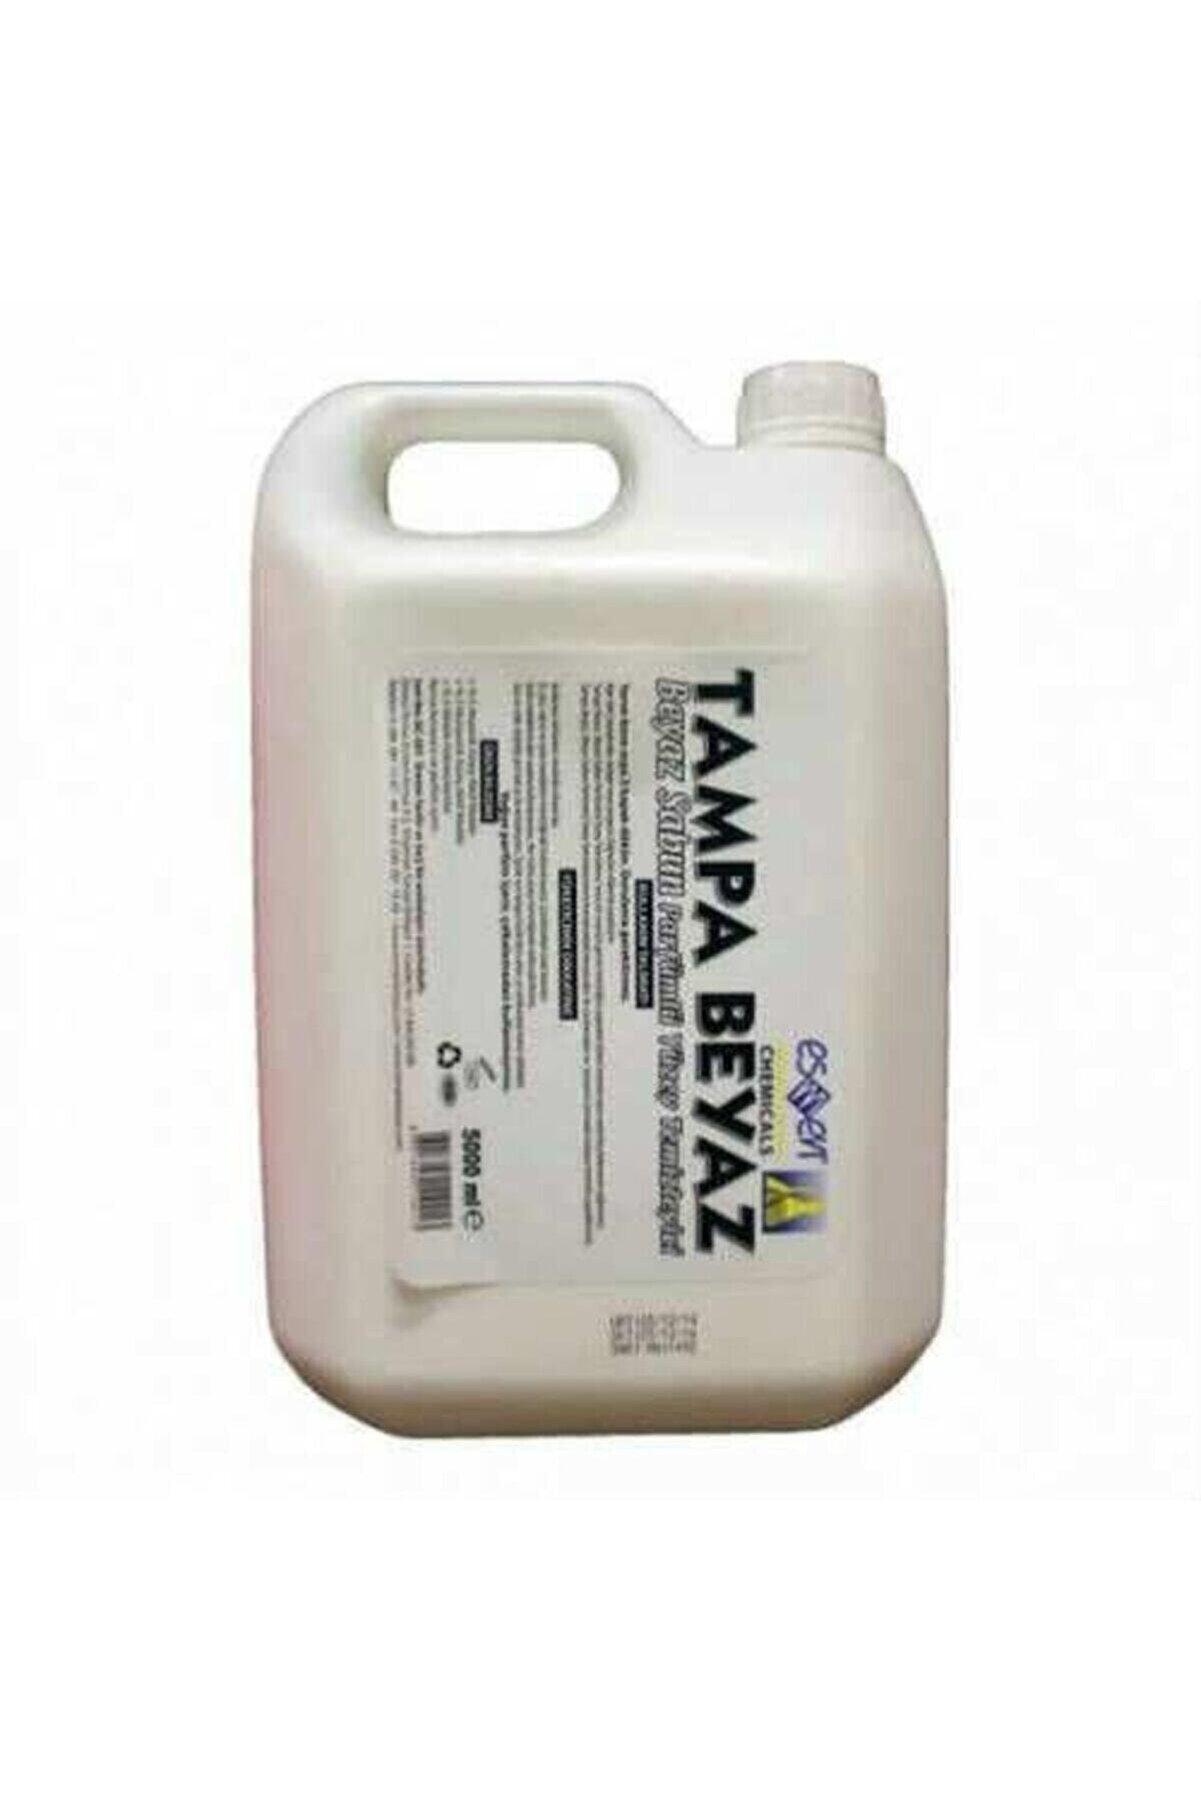 TAMPA Beyaz Beyaz Parfümlü Sıvı Yüzey Temizleyici 5000 Ml